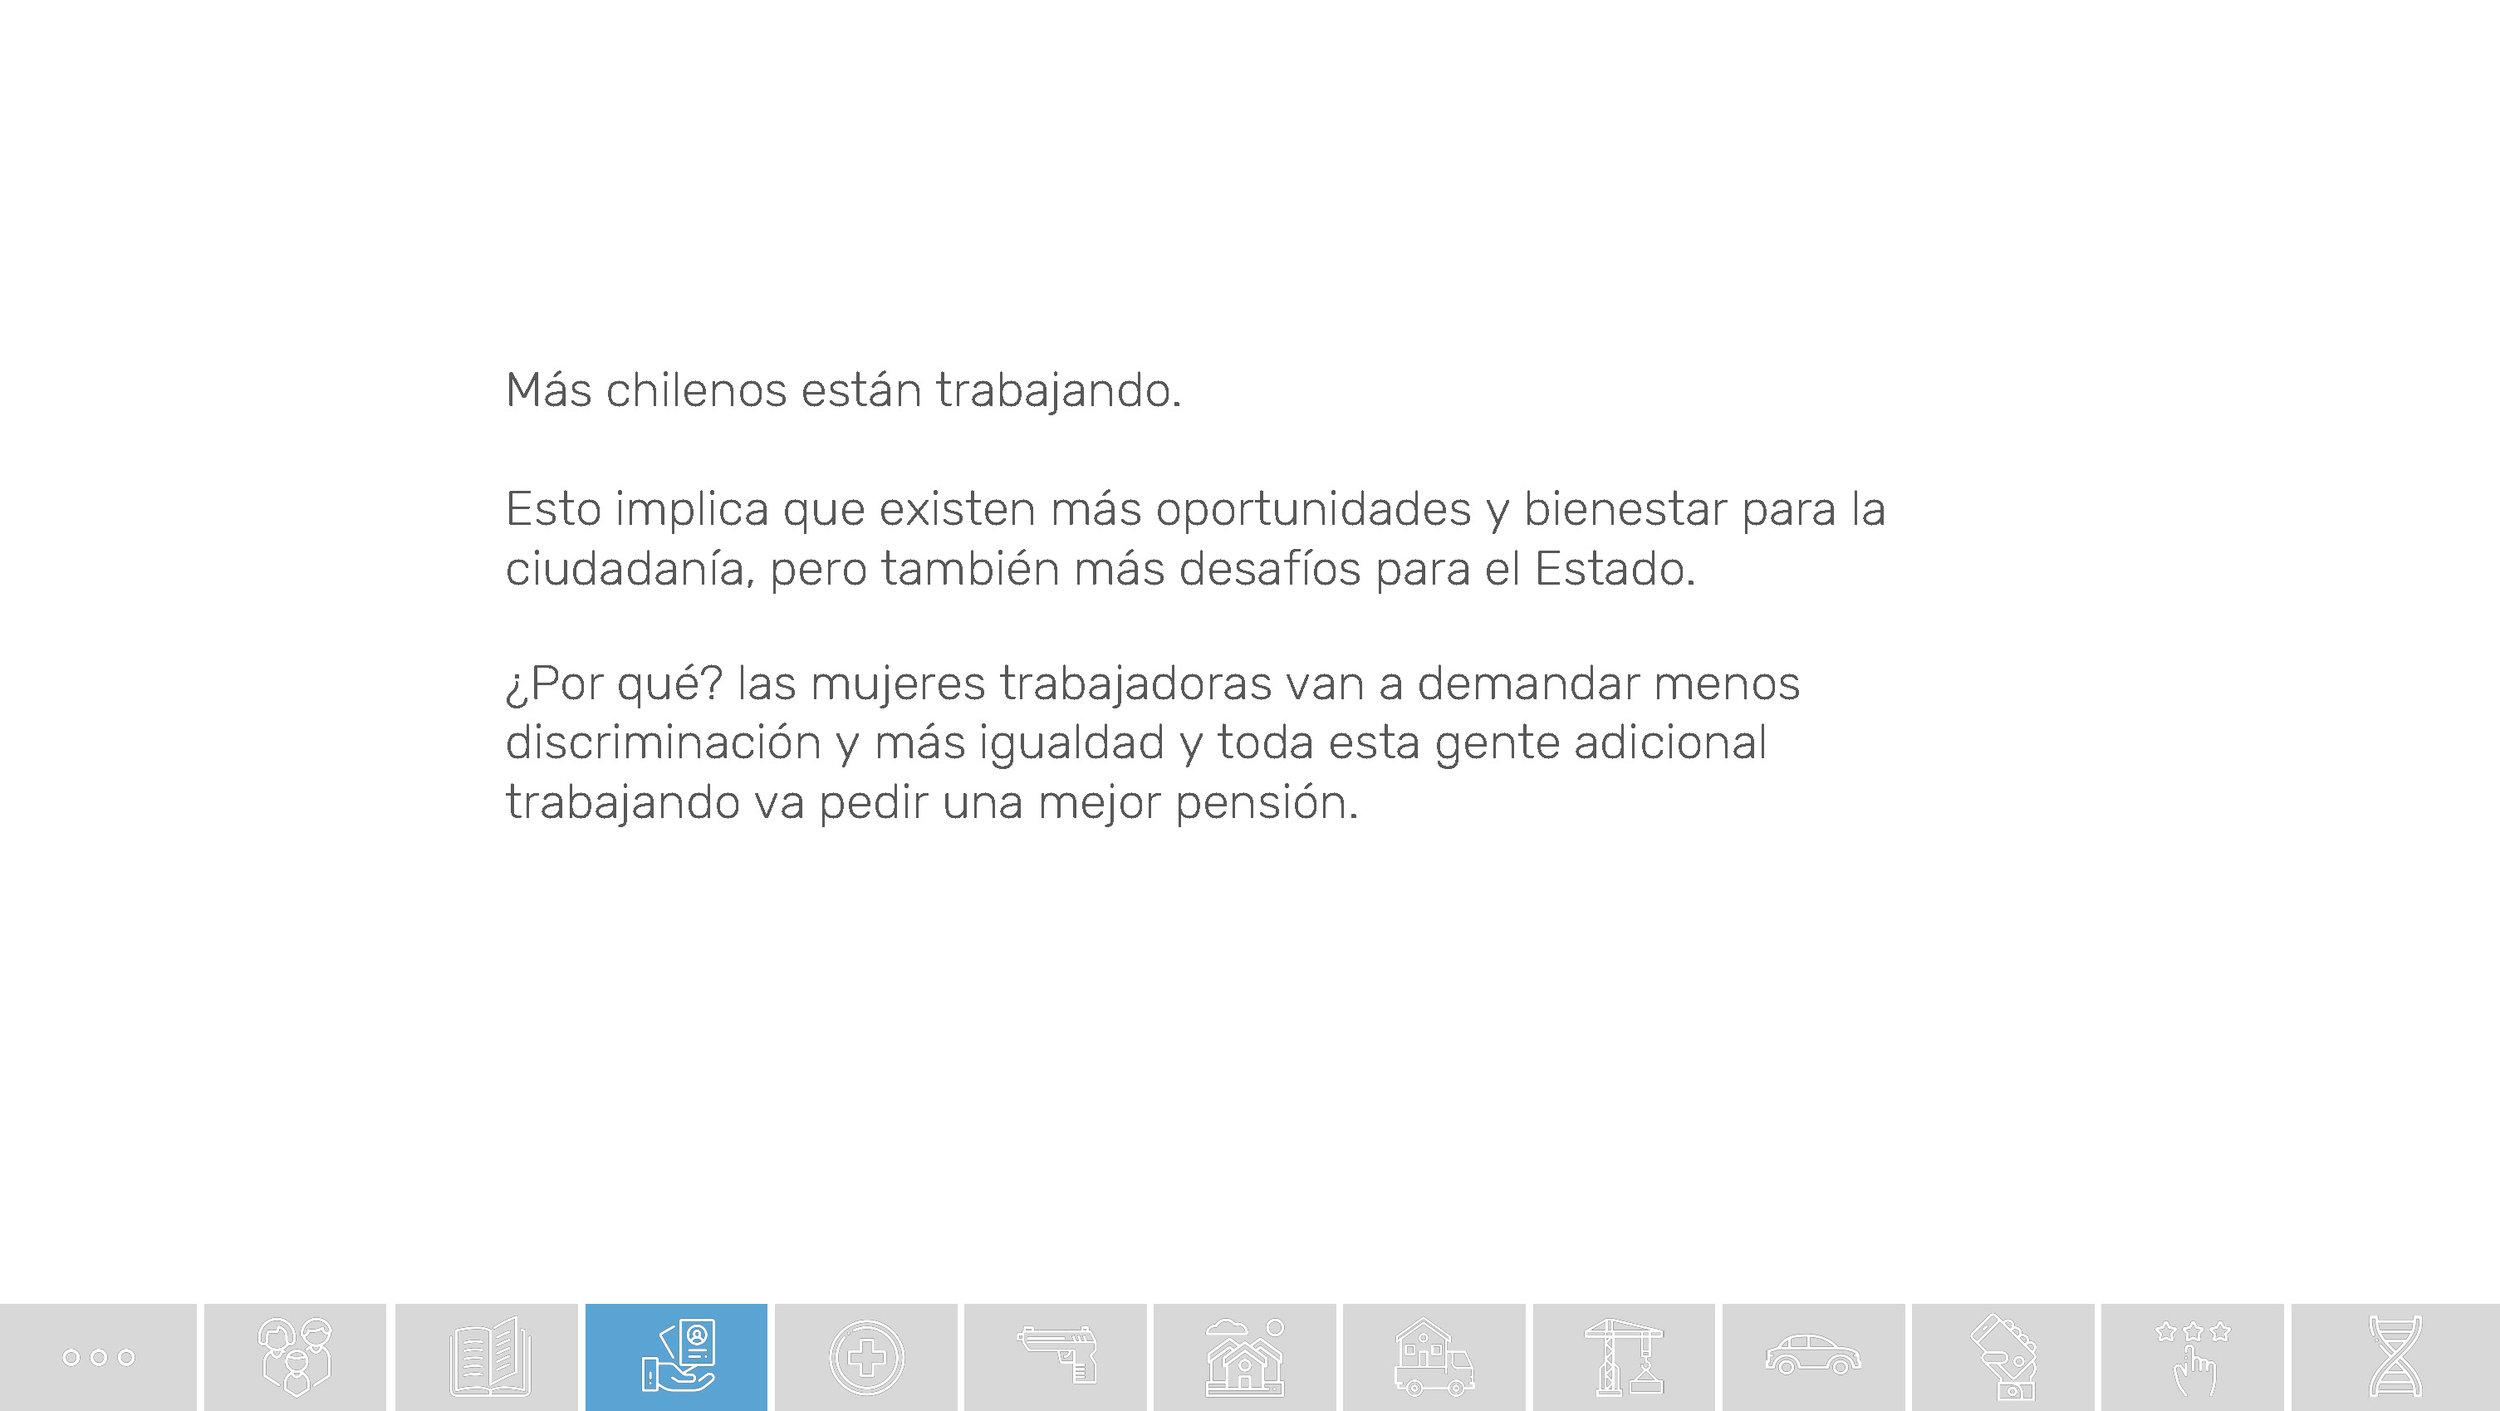 Chile_Datos de una transformacion social_Unholster_Página_41.jpg